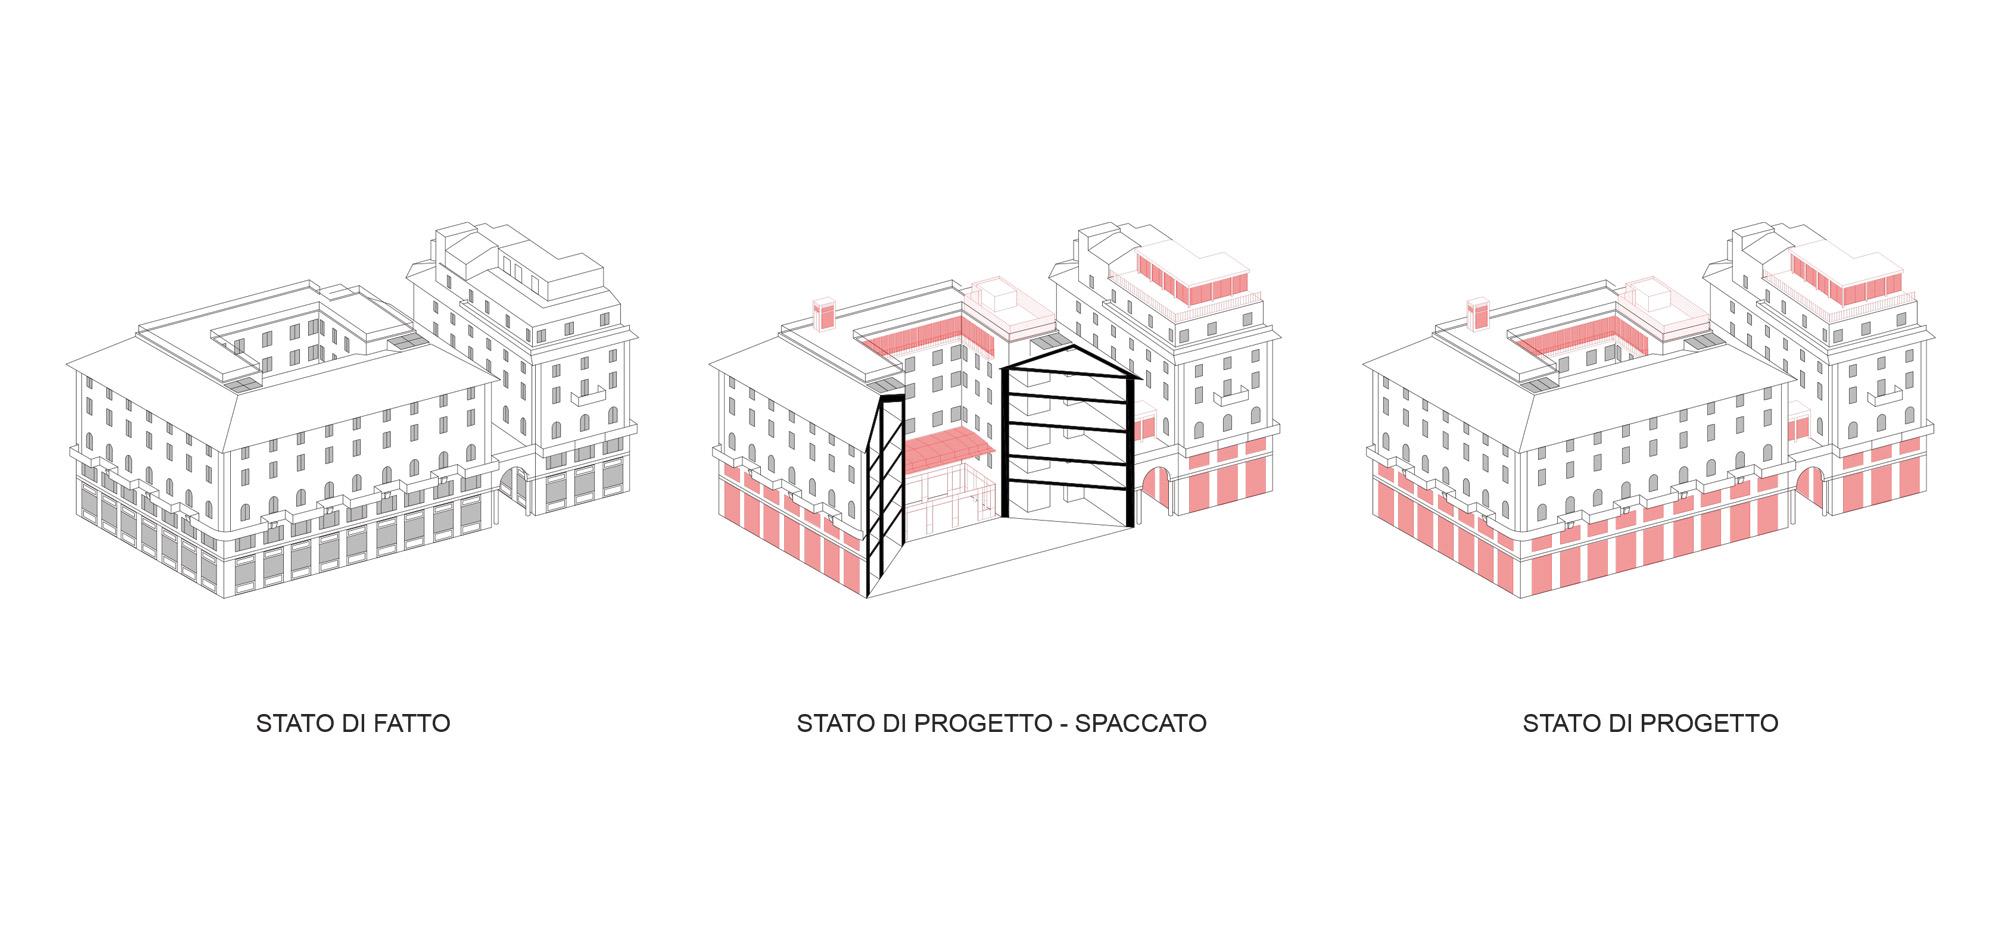 Concept ©  Barreca & La Varra